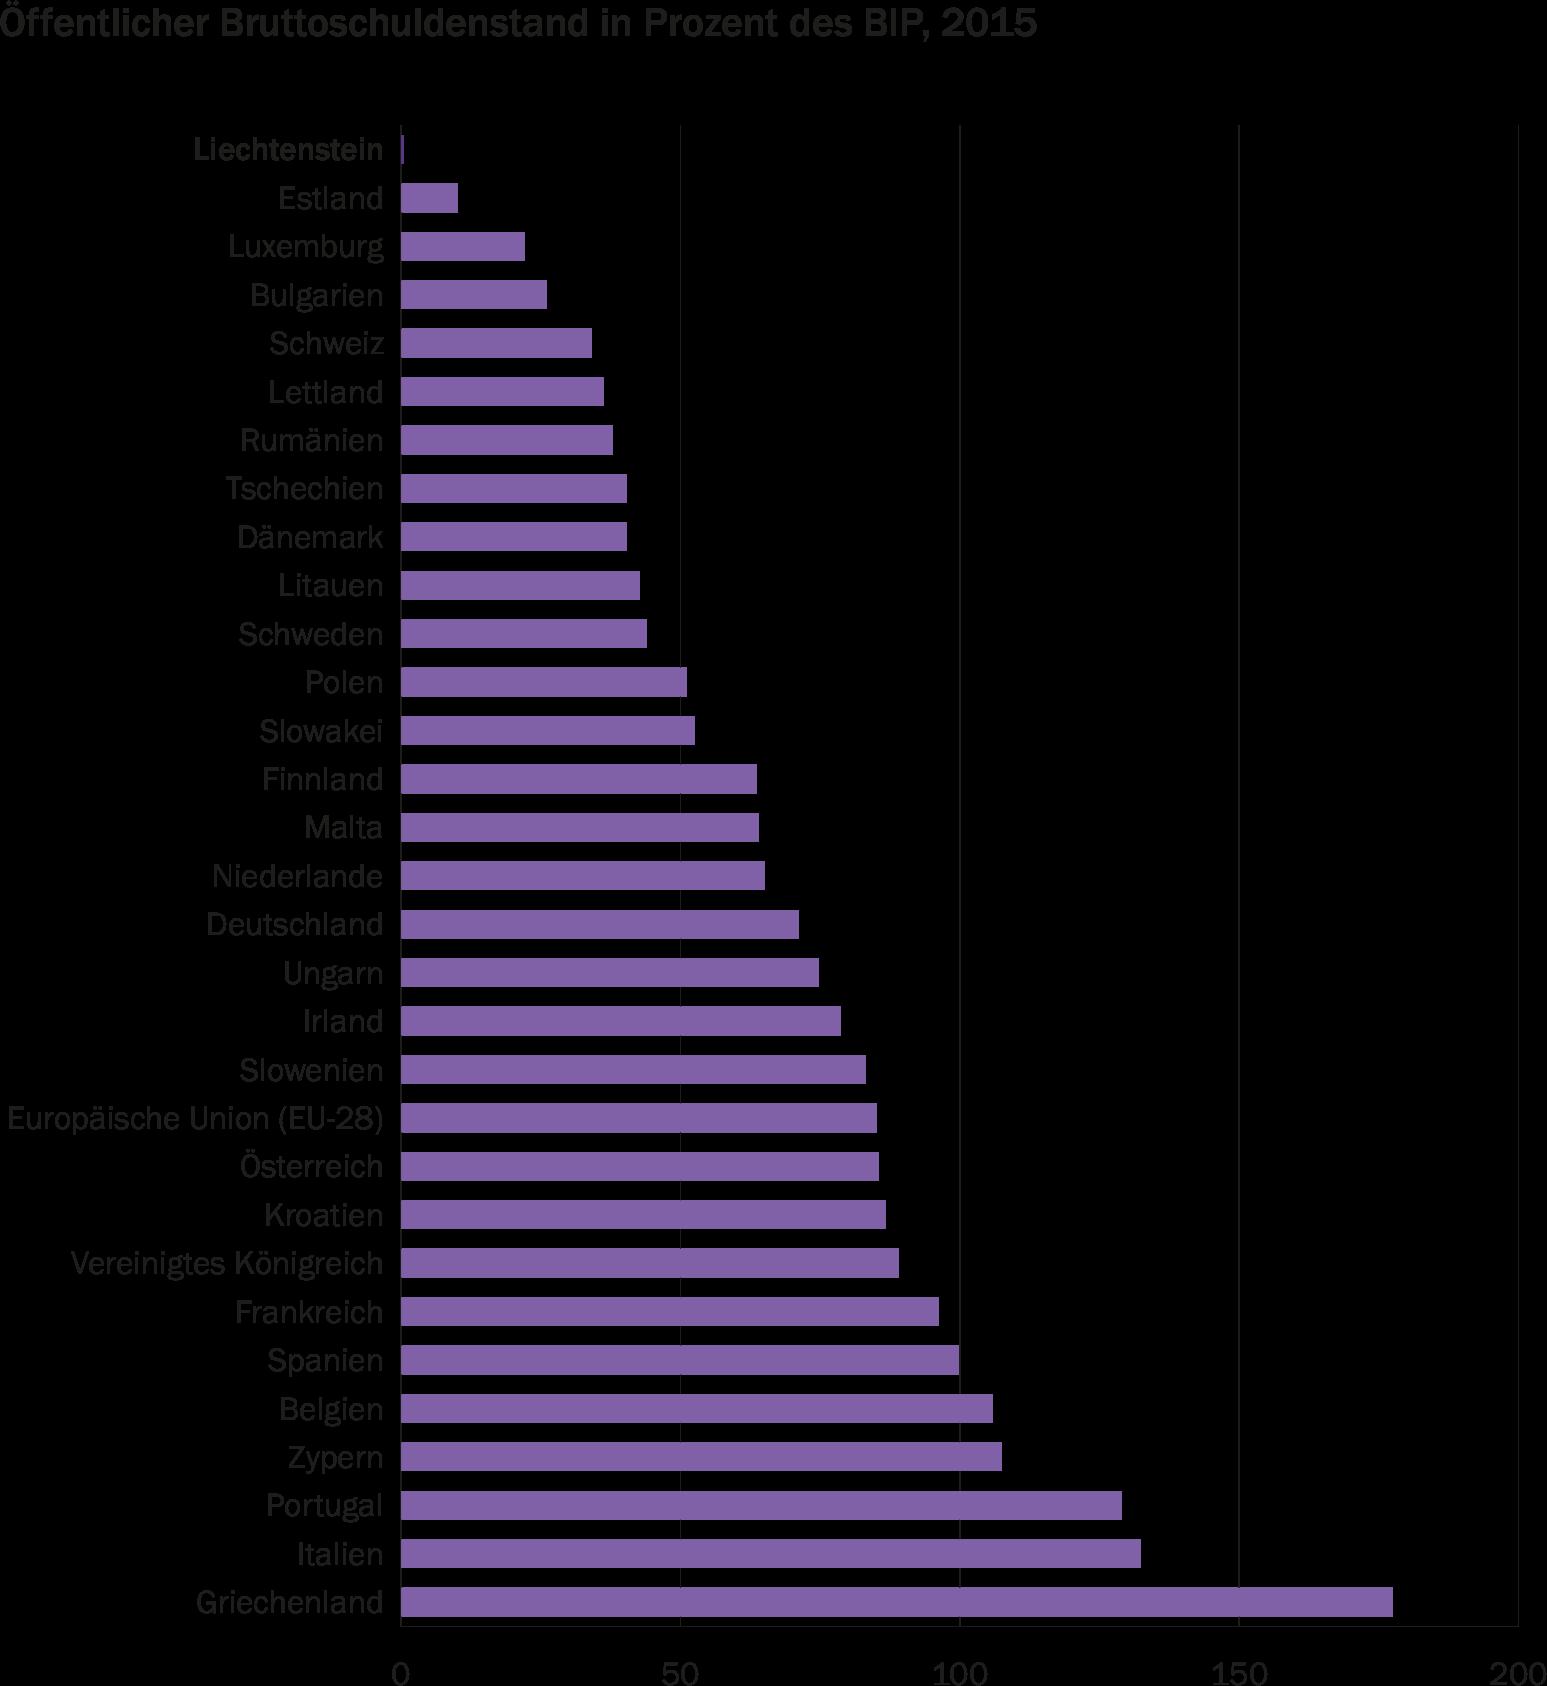 deutschland gdp per capita